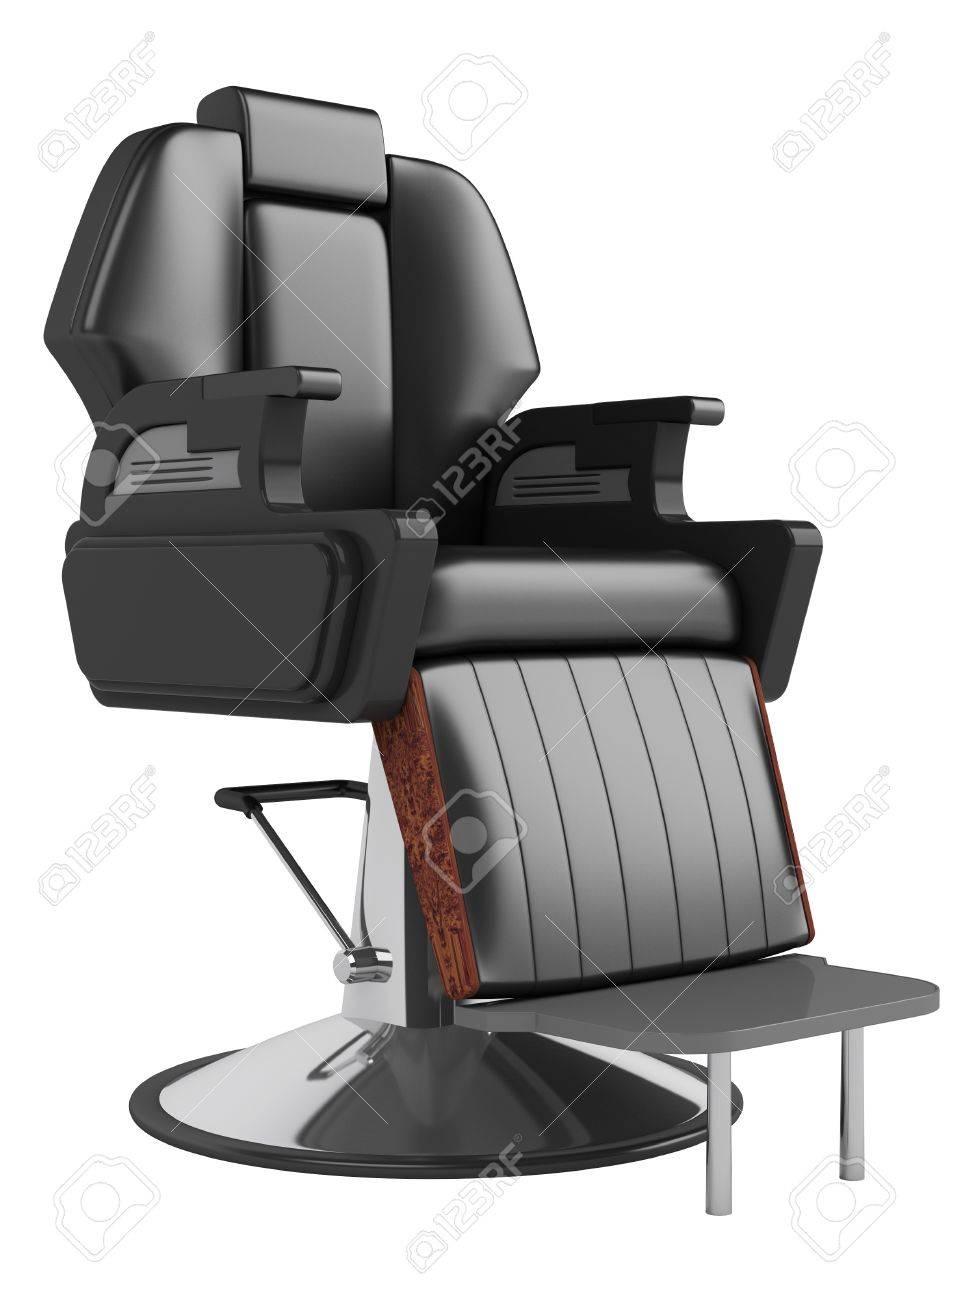 Noire Chaise De Salon Coiffure Isol Sur Fond Blanc Banque D